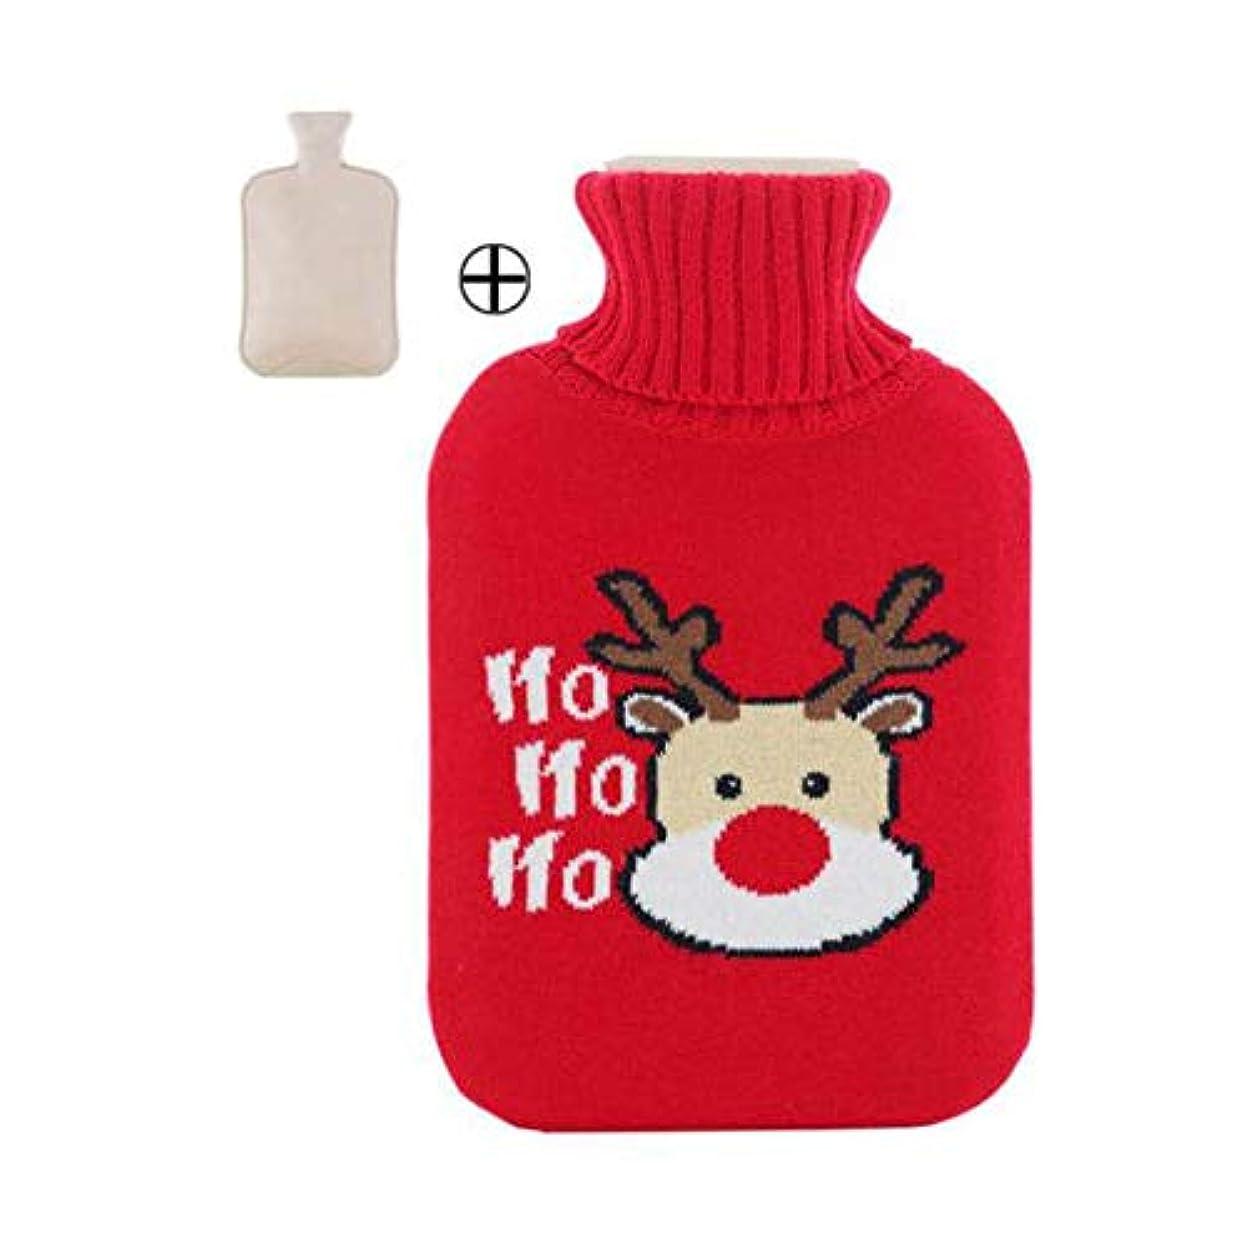 賞賛フェンスシネマホットウォーターボトル大温かいクリスマススタイルのウォーターボトル2L